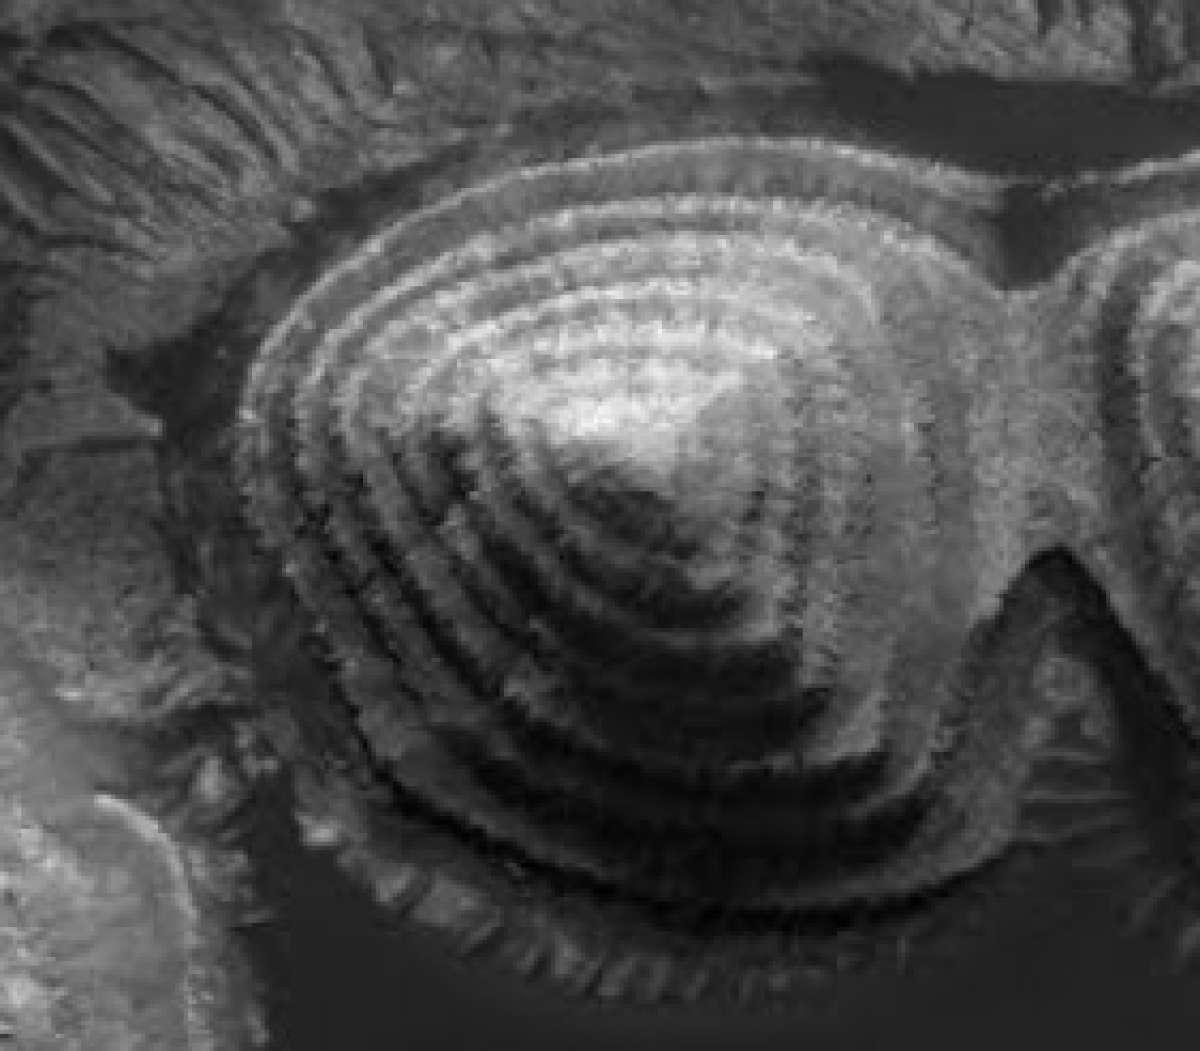 Немыслимые образования замечены на Марсе, видео